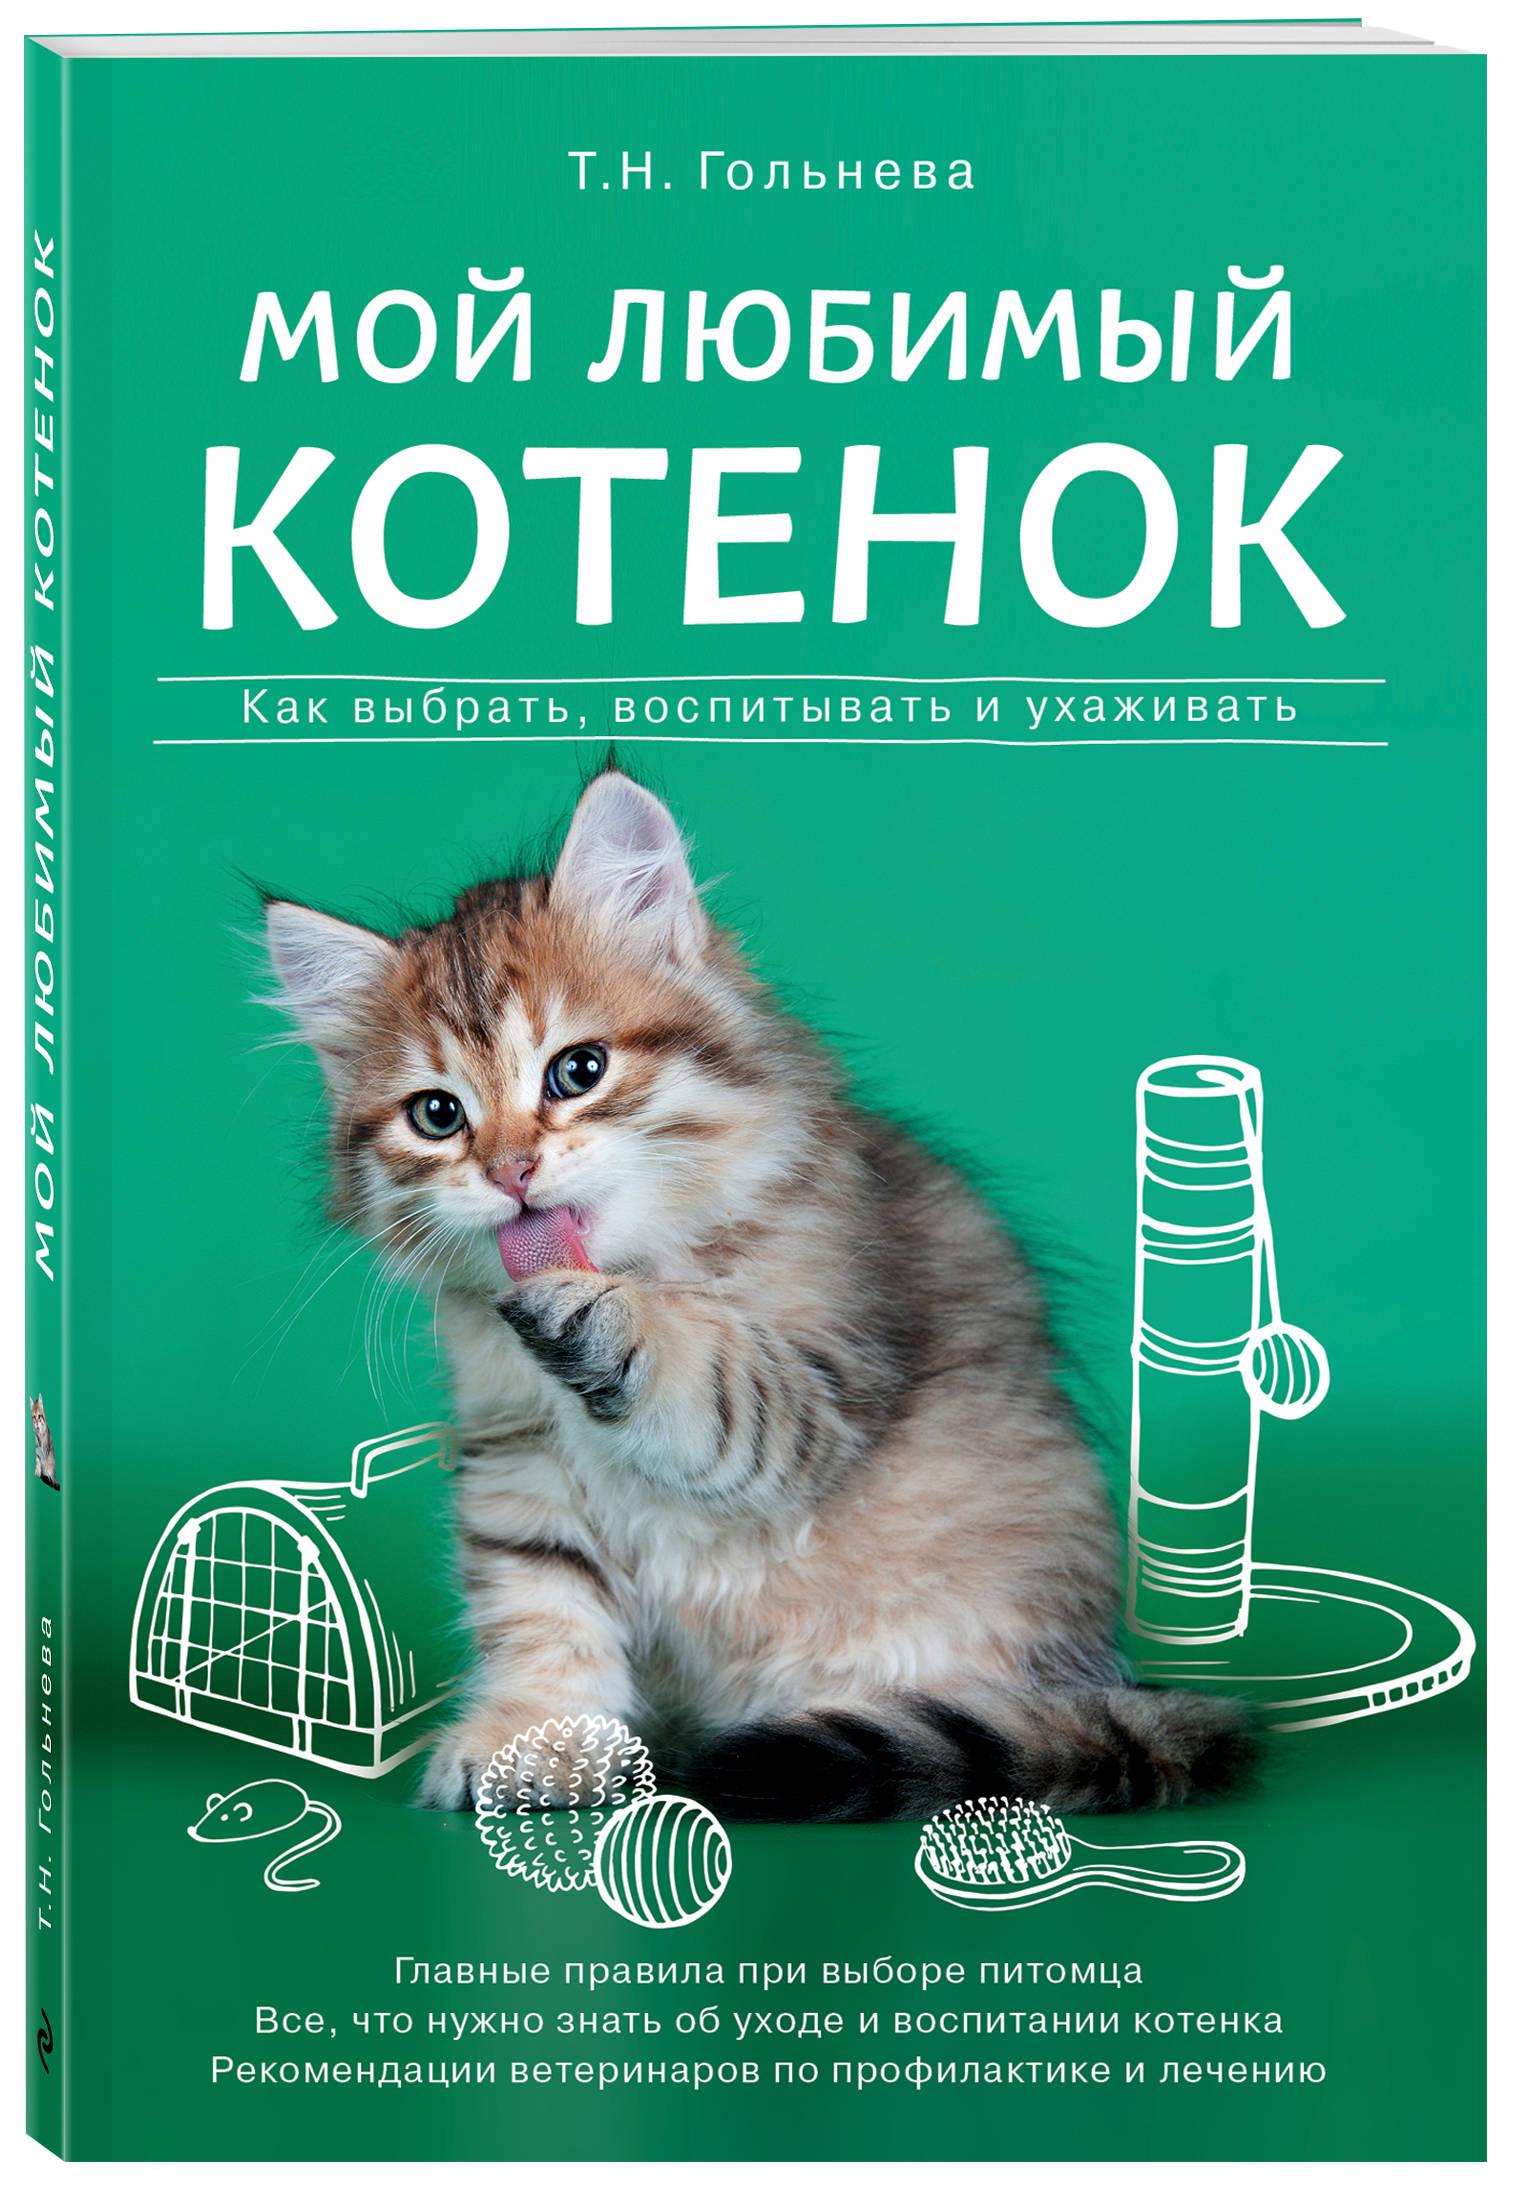 Мой любимый котенок. Как выбрать, воспитывать и ухаживать ( Гольнева Т.Н.  )